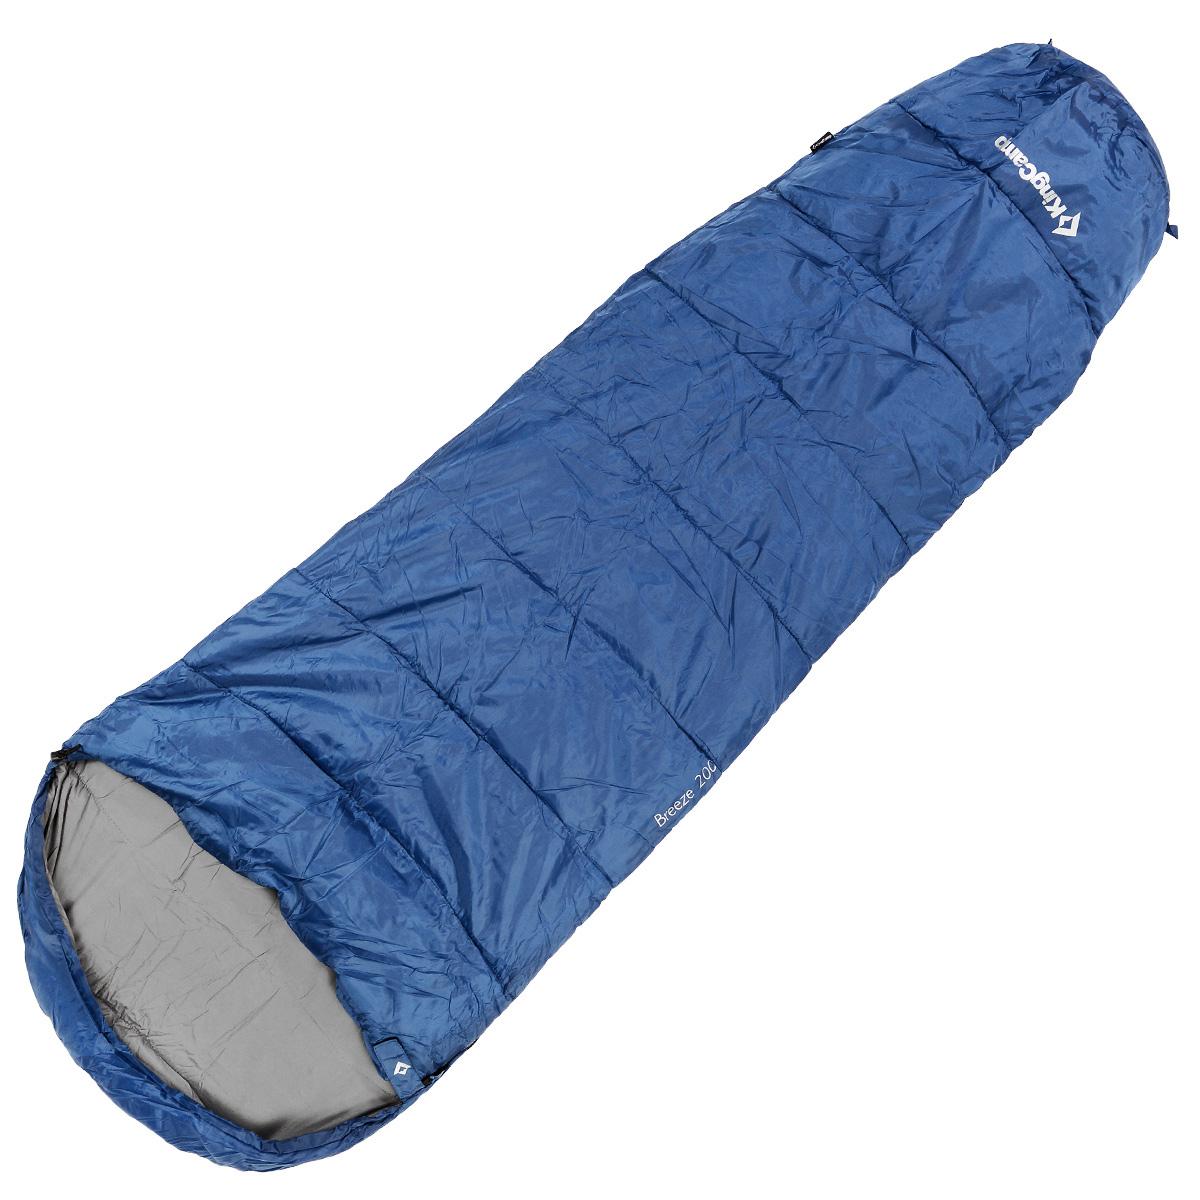 Спальный мешок-кокон KingCamp Breeze, цвет: синий, 215 см x 80 см х 55 см, правосторонняя молнияУТ-000050425Спальный мешок-кокон KingCamp Breeze предусмотрен как для лета, так и для прохладного времени года, так как рассчитан на температуру от -4°C до +11°С. Спальный мешок выполнен в форме кокона, имеет удобный подголовник. В сложенном виде спальный мешок занимает очень мало места и весит совсем немного. Оснащен удобным нейлоновым компрессионным мешком для переноски. Отлично подходит для летних походов, кемпинга, треккинга и велотуризма. Вес: 1,2 кг.